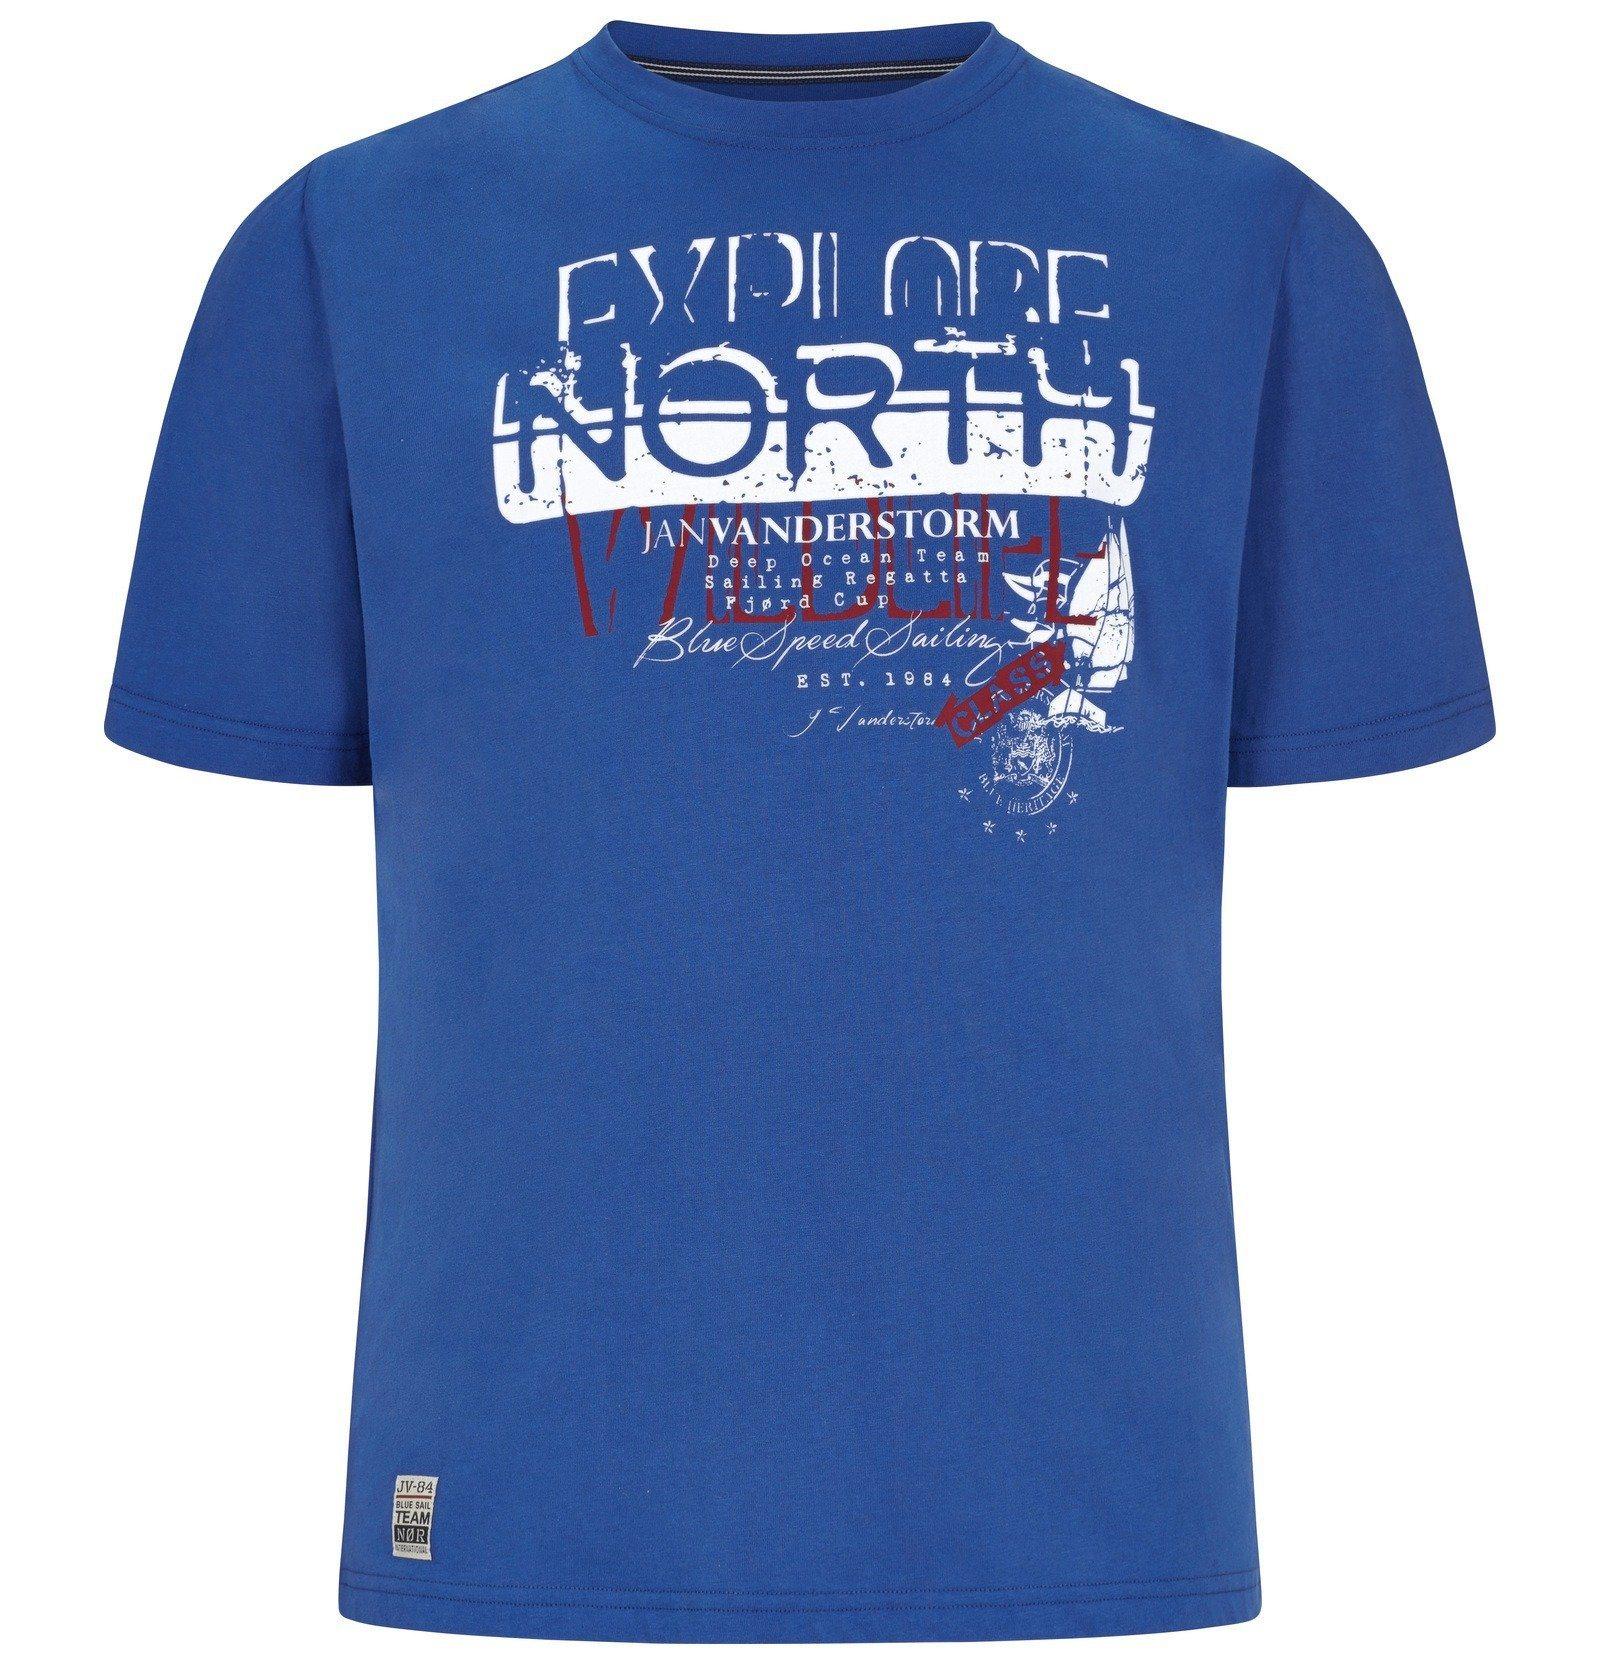 Jan Vanderstorm T-Shirt »WITOLD«   Bekleidung > Shirts > Sonstige Shirts   Jan Vanderstorm